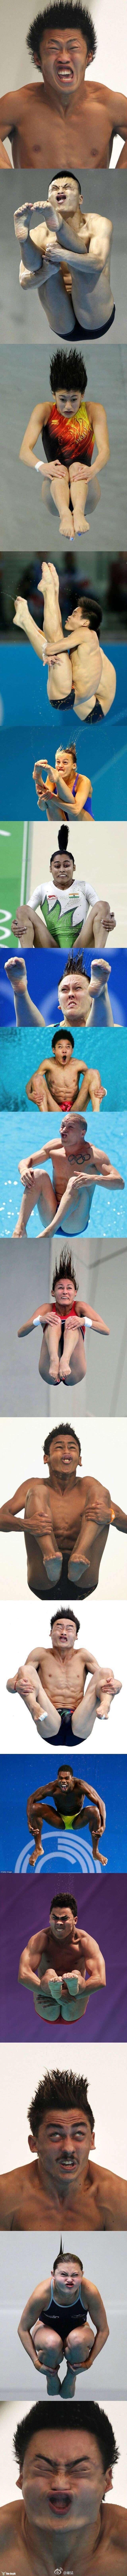 olimpiyattaki sporcuların değişen yüzleri